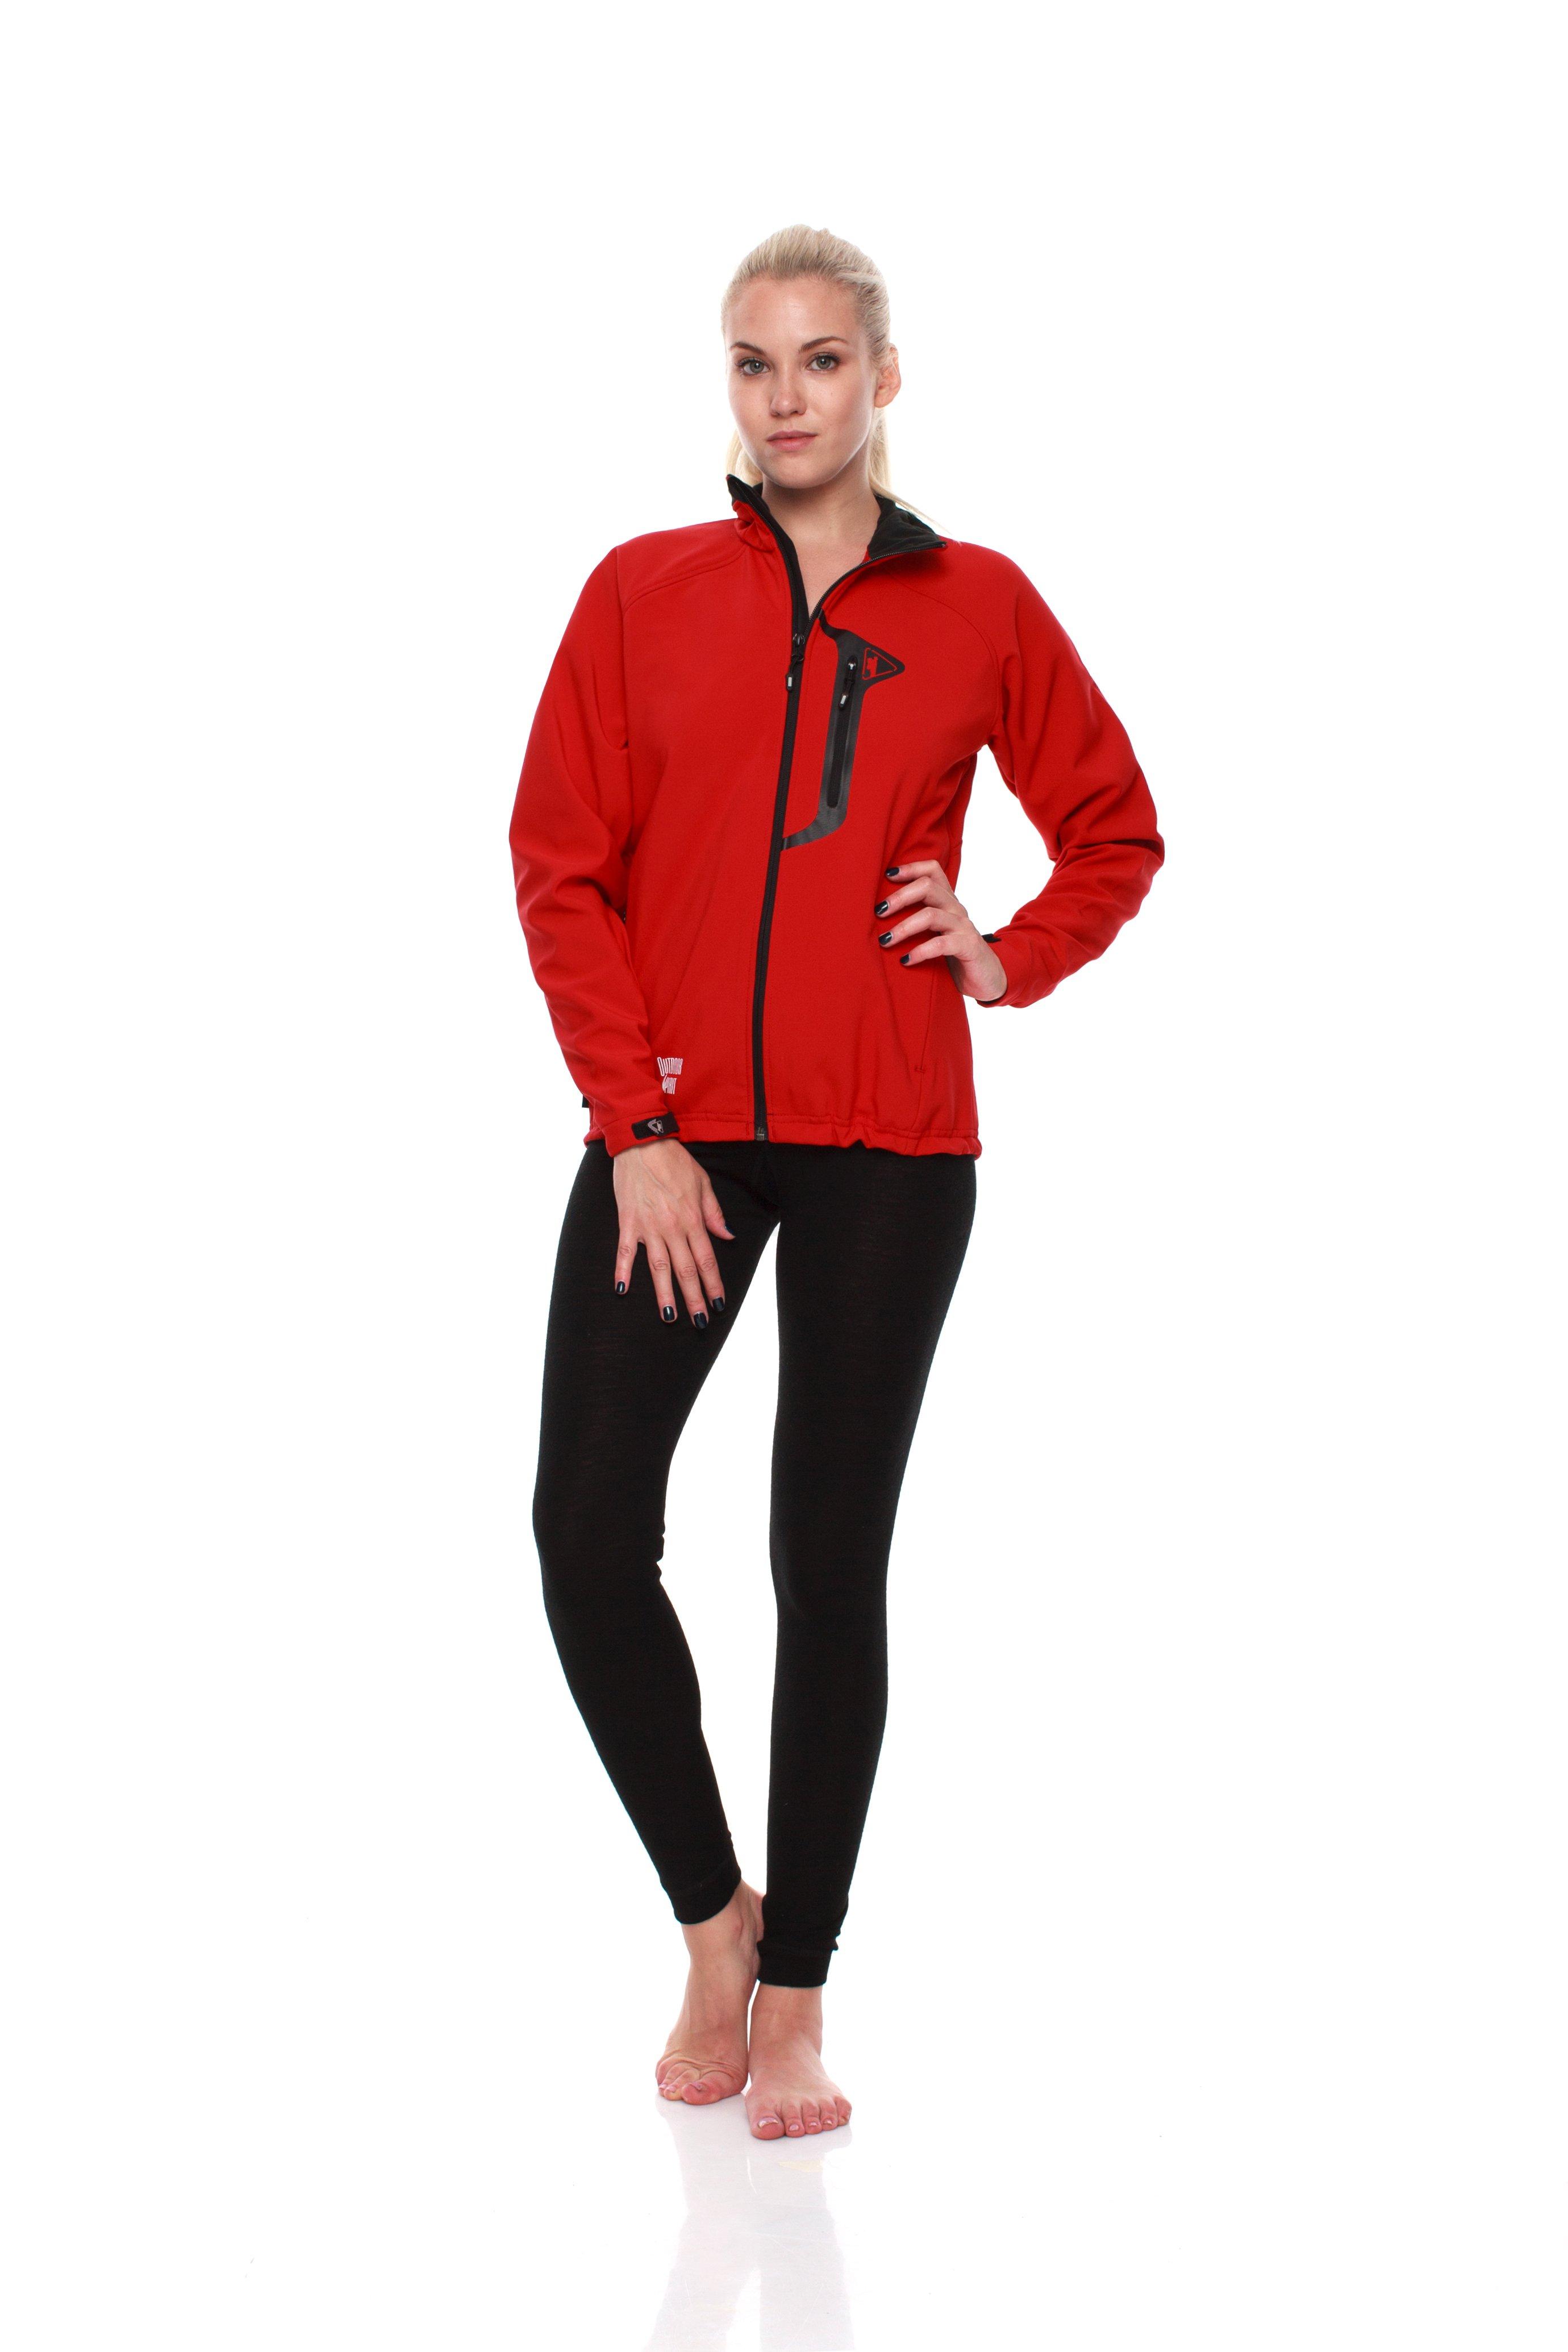 Куртка BASK TIDY Lady 3884Приталенная куртка из Advance&amp;reg; Soft Shell. Сочетает в себе защитные функции штормовой куртки и комфорт мягкого флиса.&amp;nbsp;<br><br>Верхняя ткань: Advance® Soft Shell<br>Вес граммы: 590<br>Ветро-влагозащитные свойства верхней ткани: Нет<br>Ветрозащитная планка: Нет<br>Ветрозащитная юбка: Нет<br>Влагозащитные молнии: Нет<br>Внутренние манжеты: Нет<br>Дублирующий центральную молнию клапан: Нет<br>Защитный козырёк капюшона: Нет<br>Капюшон: Нет<br>Карман для средств связи: Нет<br>Количество внешних карманов: 3<br>Объемный крой локтевой зоны: Нет<br>Отстёгивающиеся рукава: Нет<br>Пол: Жен.<br>Проклейка швов: Нет<br>Регулировка манжетов рукавов: Да<br>Регулировка низа: Да<br>Регулировка объёма капюшона: Нет<br>Регулировка талии: Нет<br>Регулируемые вентиляционные отверстия: Нет<br>Световозвращающая лента: Нет<br>Технология Thermal Welding: Нет<br>Тип молнии: влагостойкая ламинированная<br>Усиление контактных зон: Нет<br>Размер INT: S<br>Цвет: ЧЕРНЫЙ